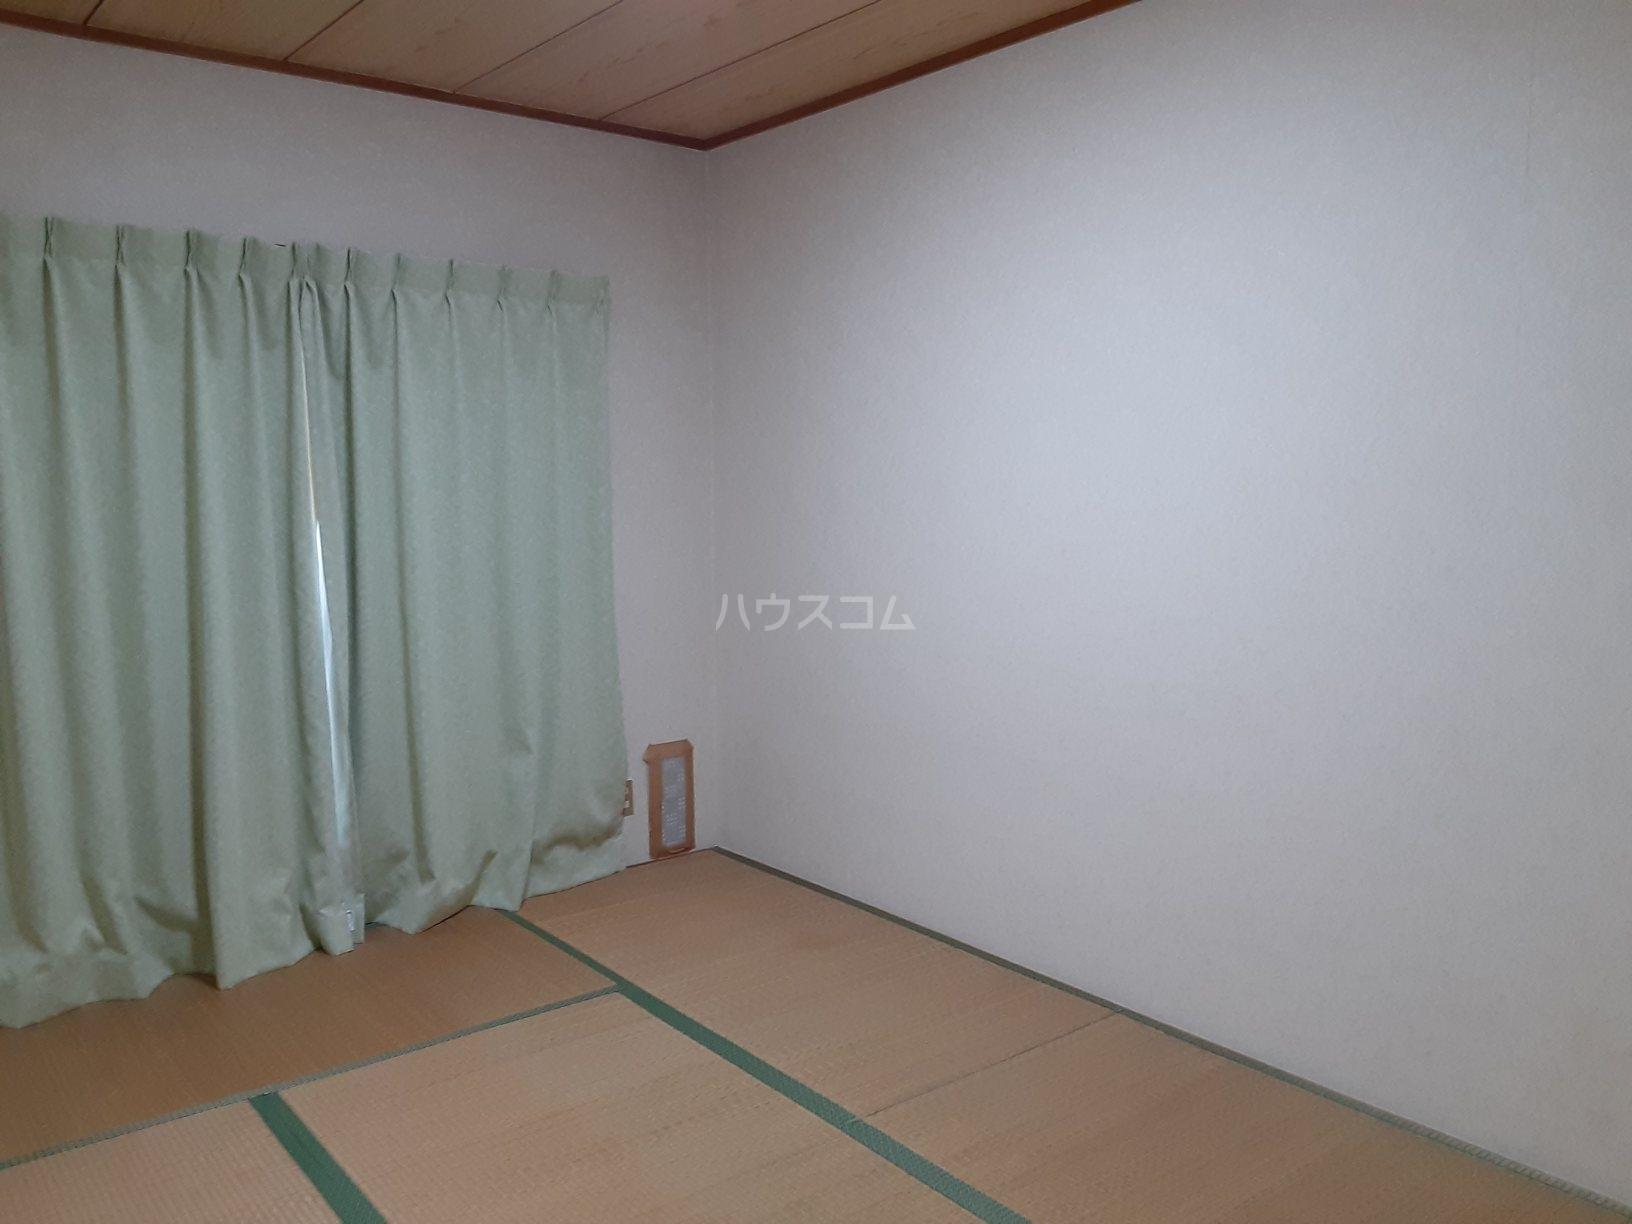 柿木台高橋マンション 104号室のその他